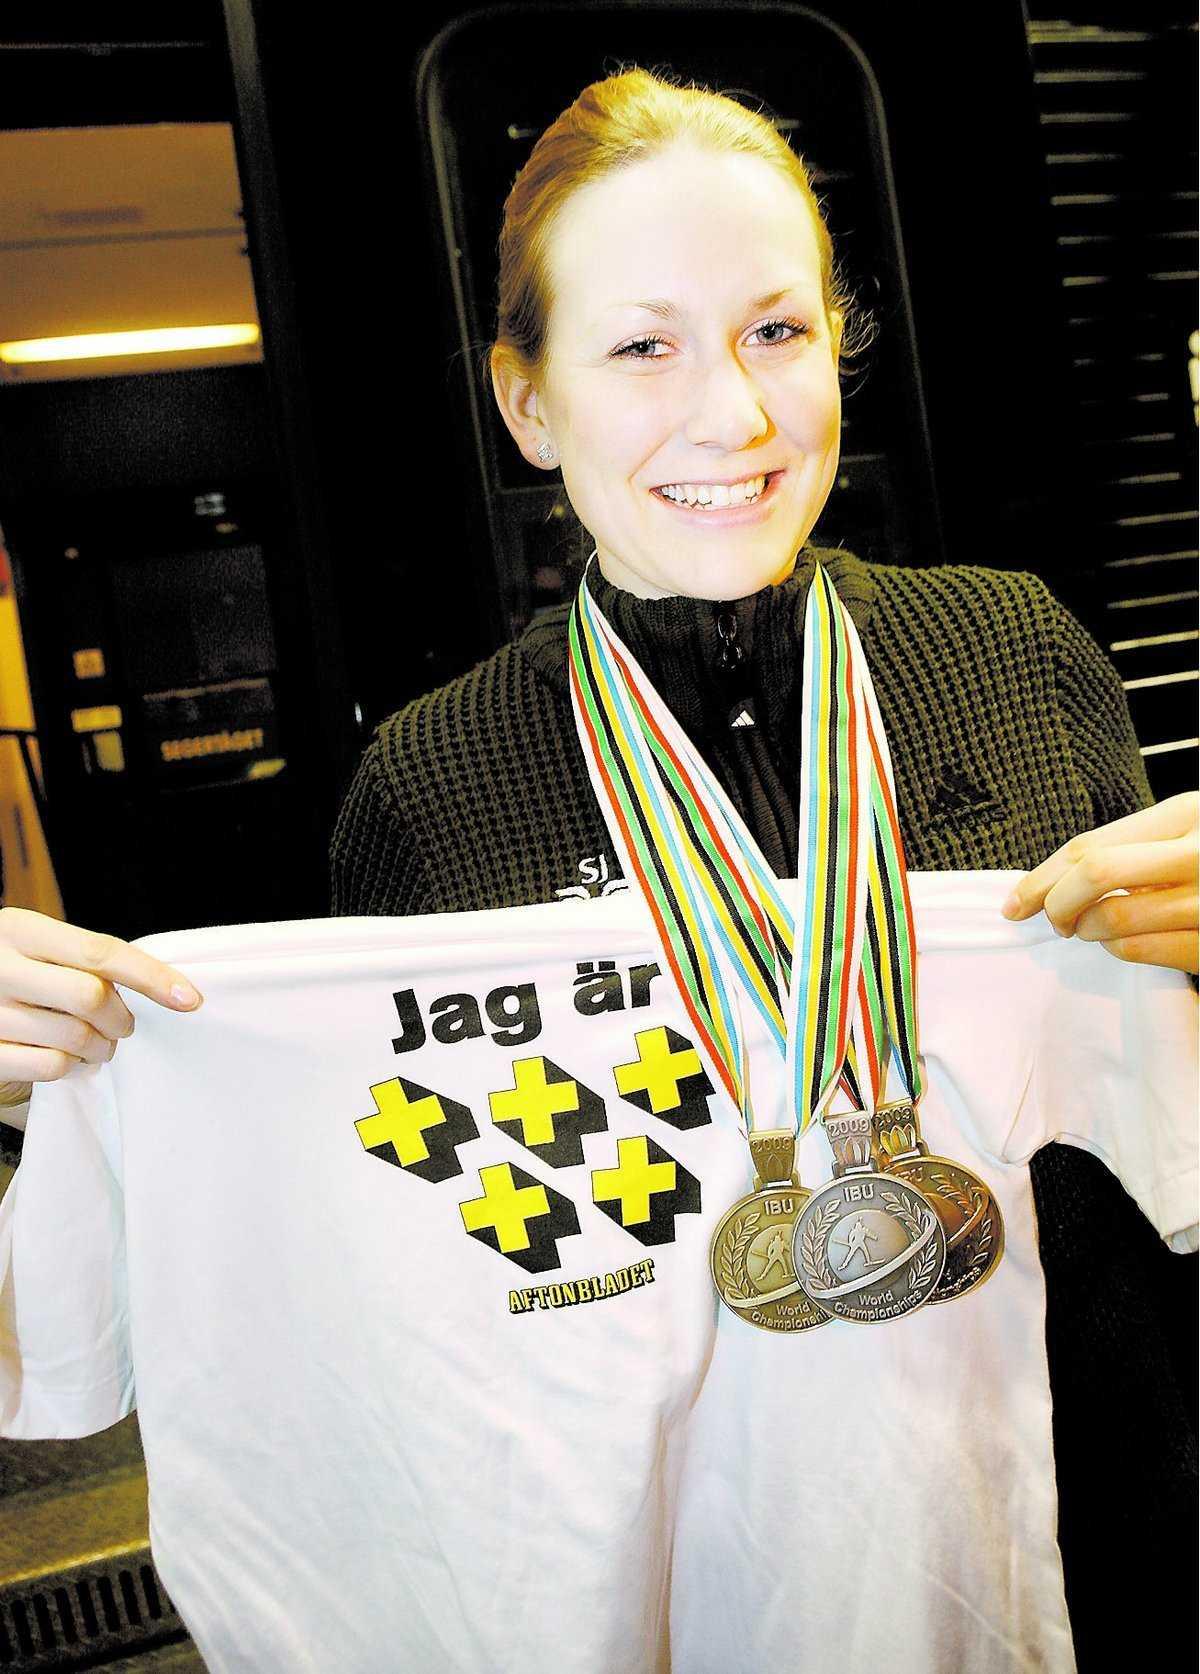 Helena Jonsson tog tre medaljer under skidskytte-VM. För det belönades hon med fem plus av Sportbladets läsare.